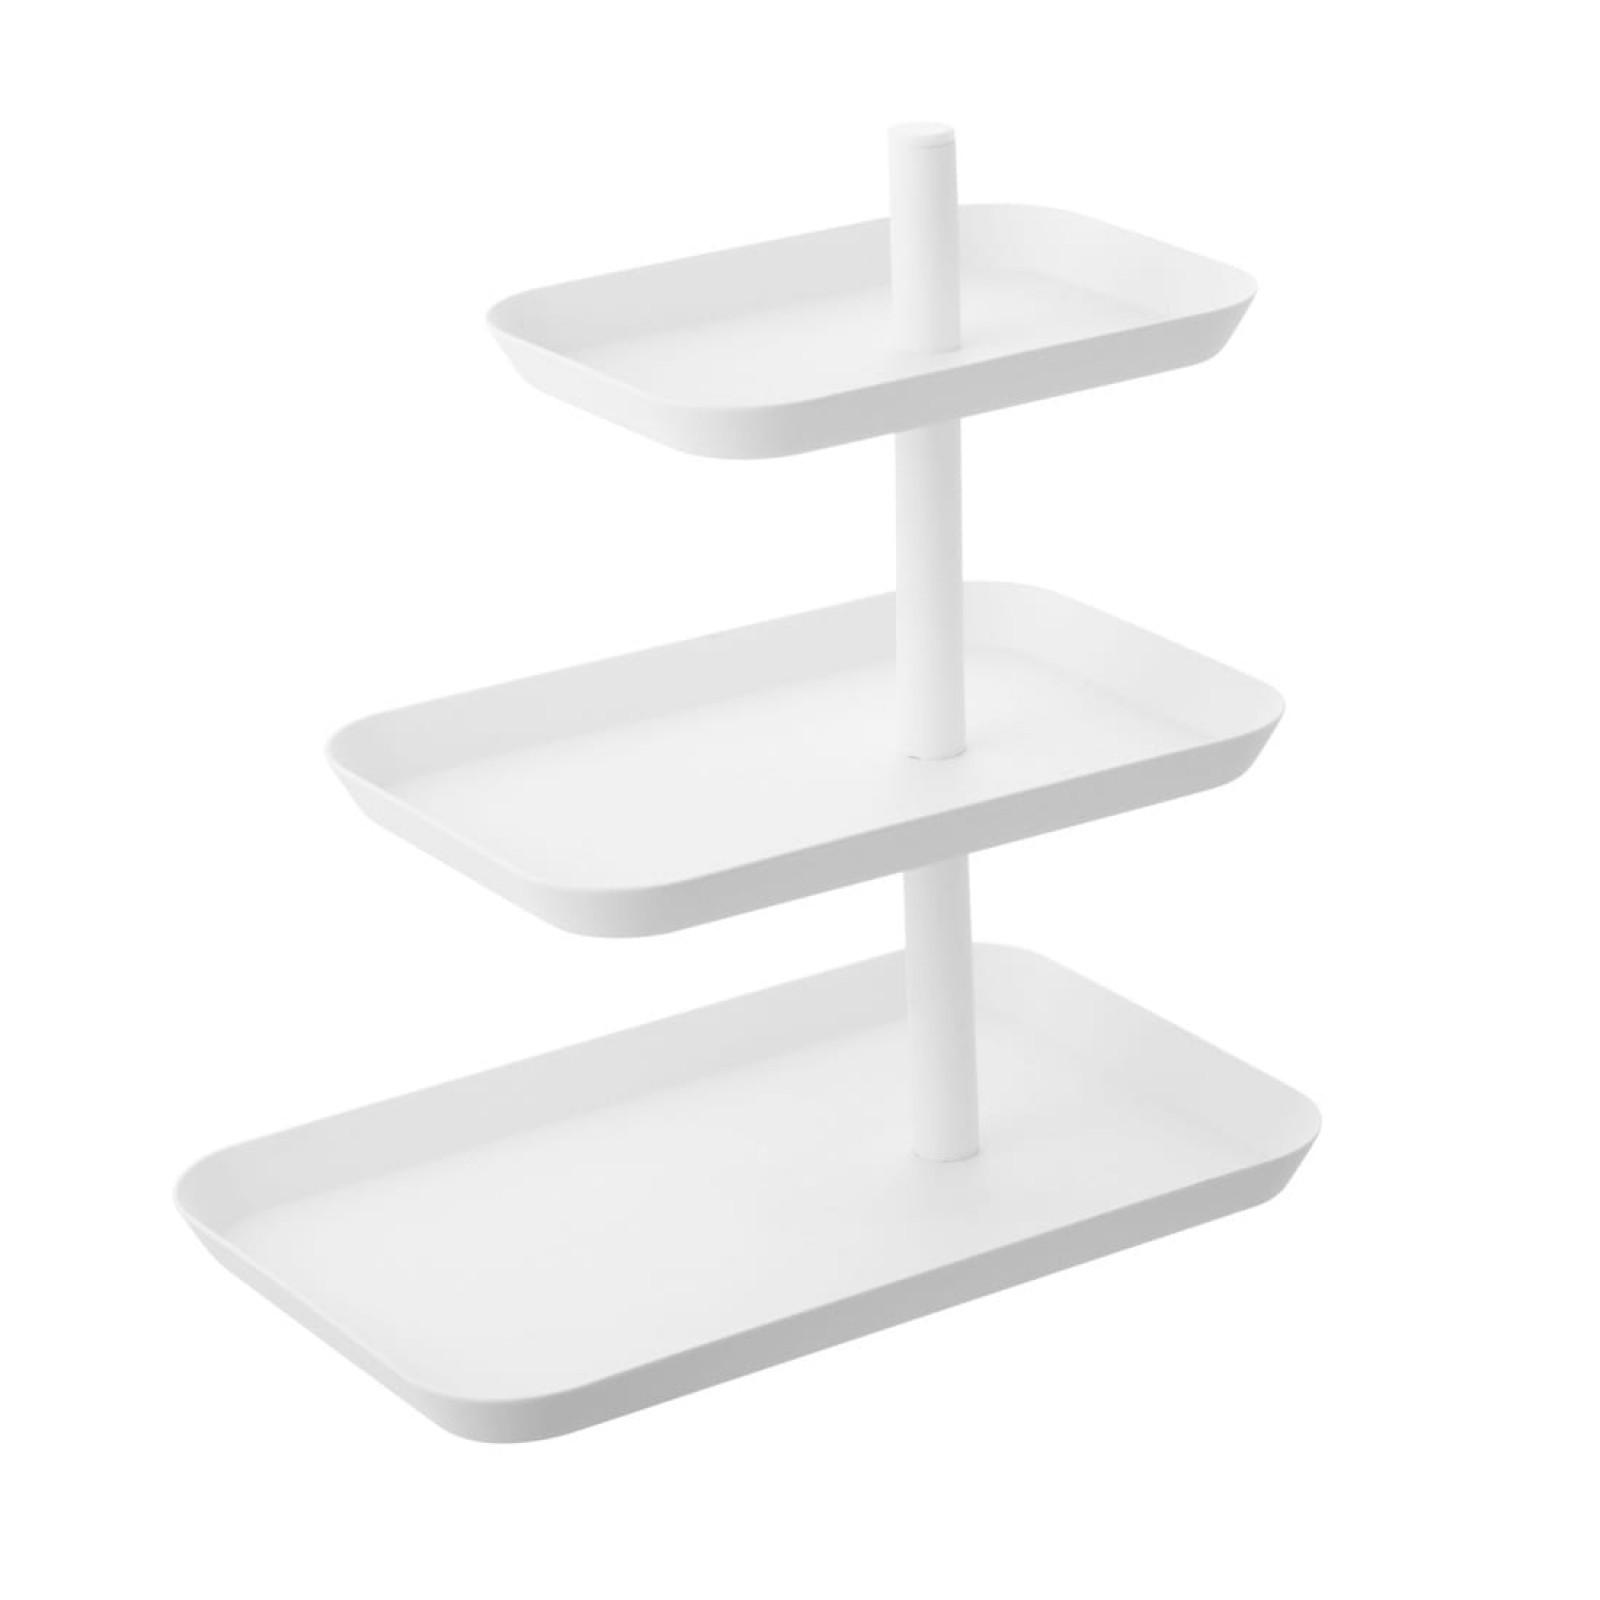 Tower 3-Tiered Serving Stand (White) - Yamazaki